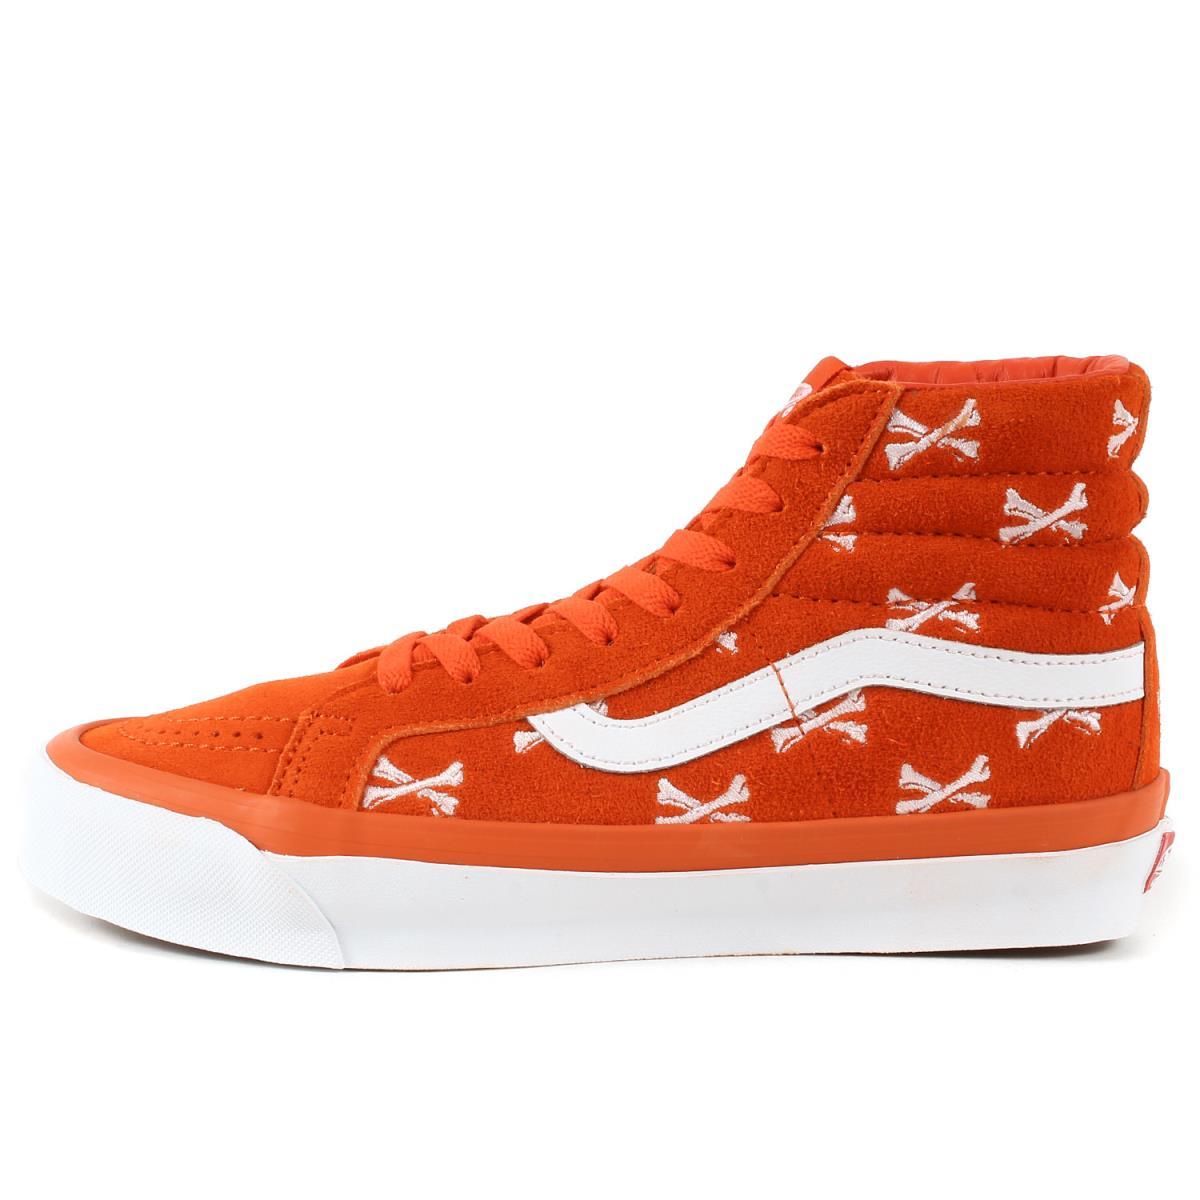 メンズ靴, スニーカー WTAPS VANS VAULT OG SK8-Hi LX CROSS BONES 20AW US7 25cm K2831